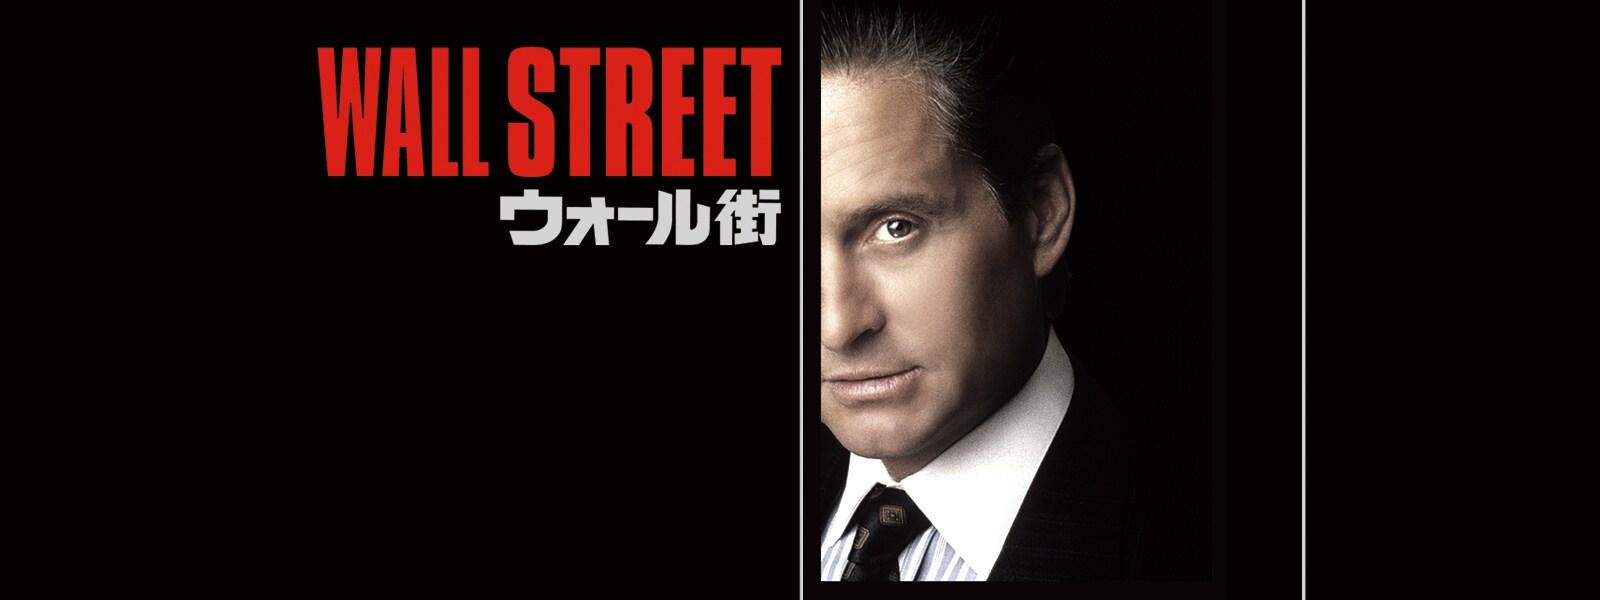 ウォール街 Wall Street Hero